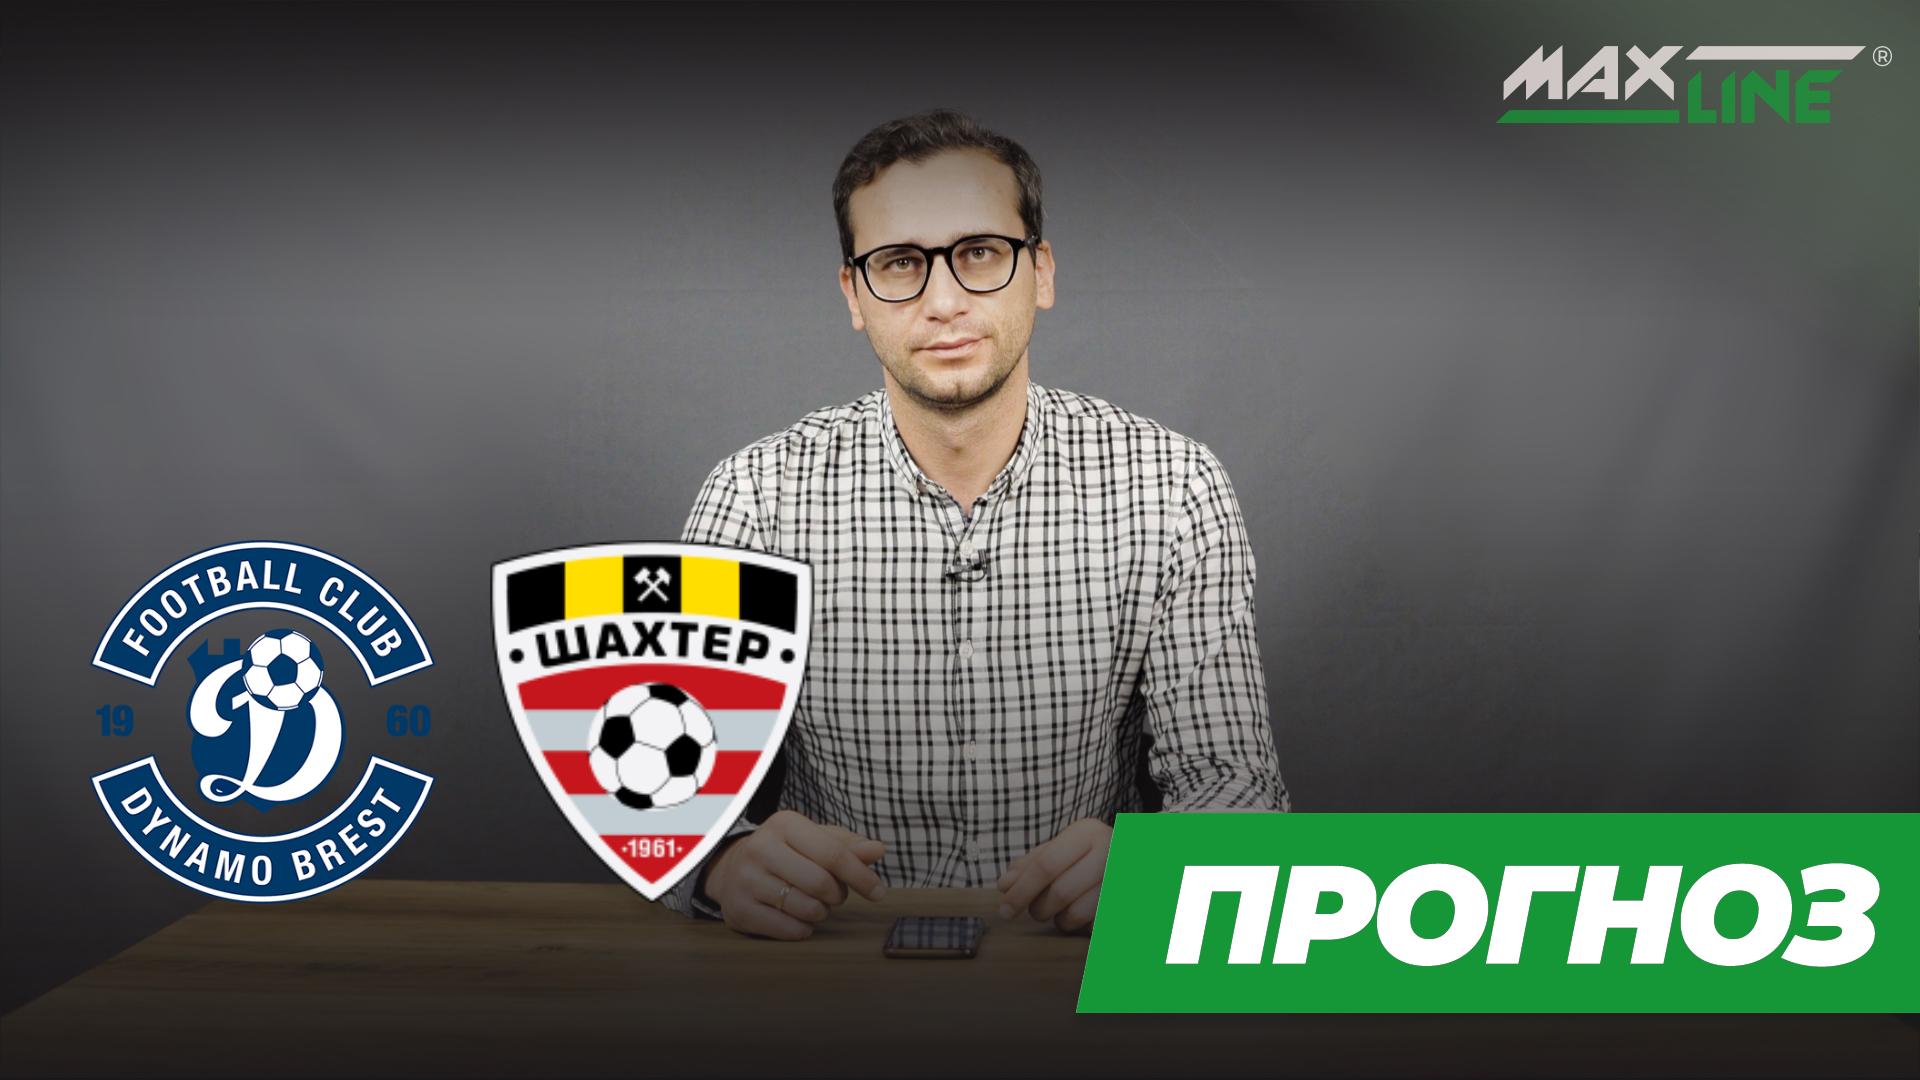 Николай Ходасевич, Ставки на футбол, Ставки на спорт, Шахтер Солигорск, Динамо Брест